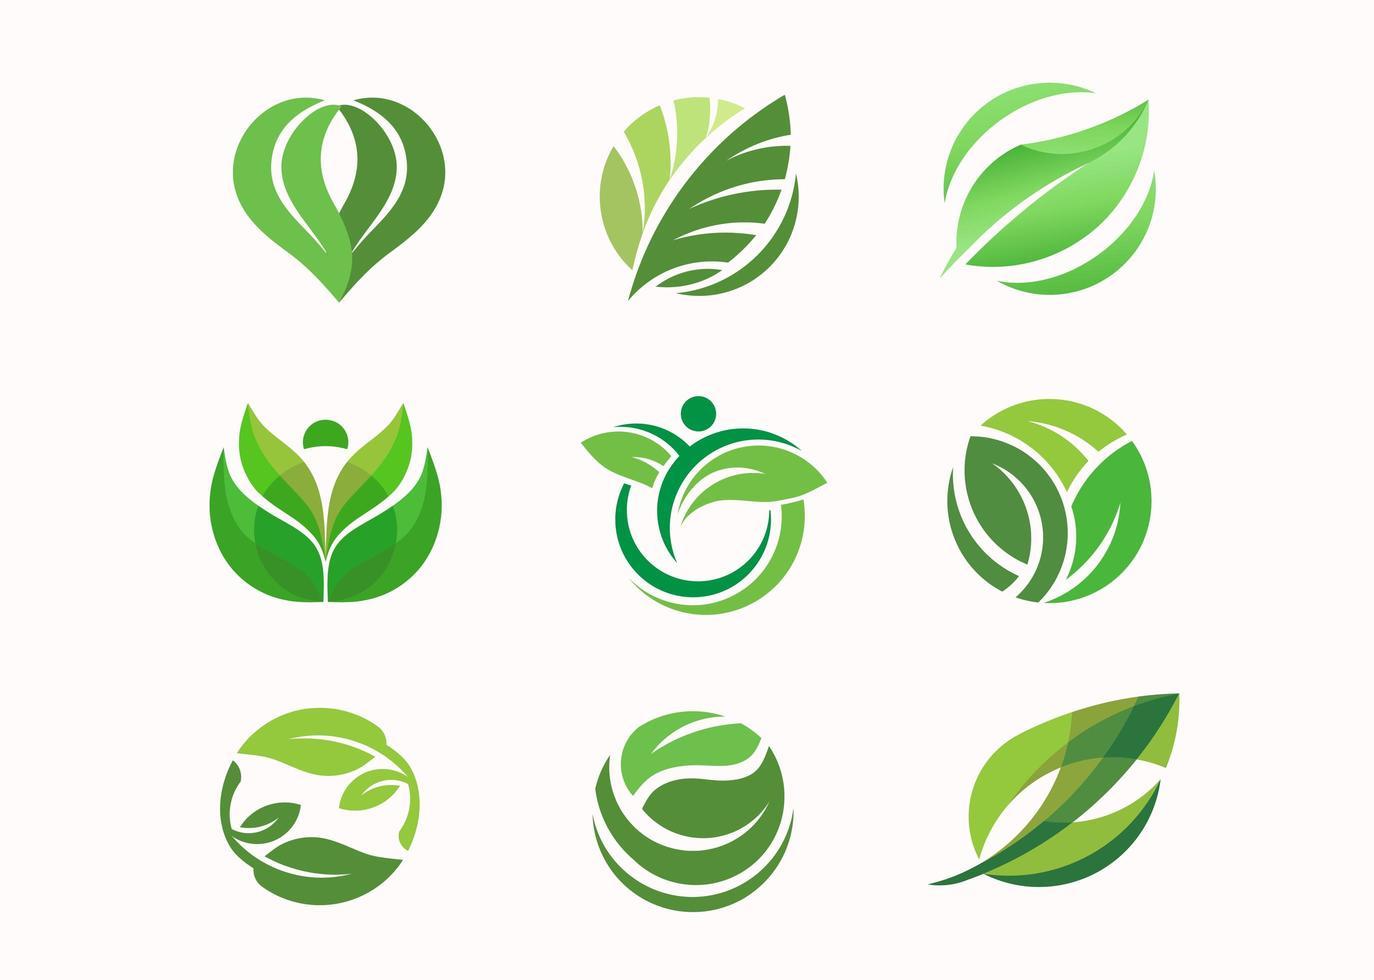 grüne Blattkreissammlung vektor